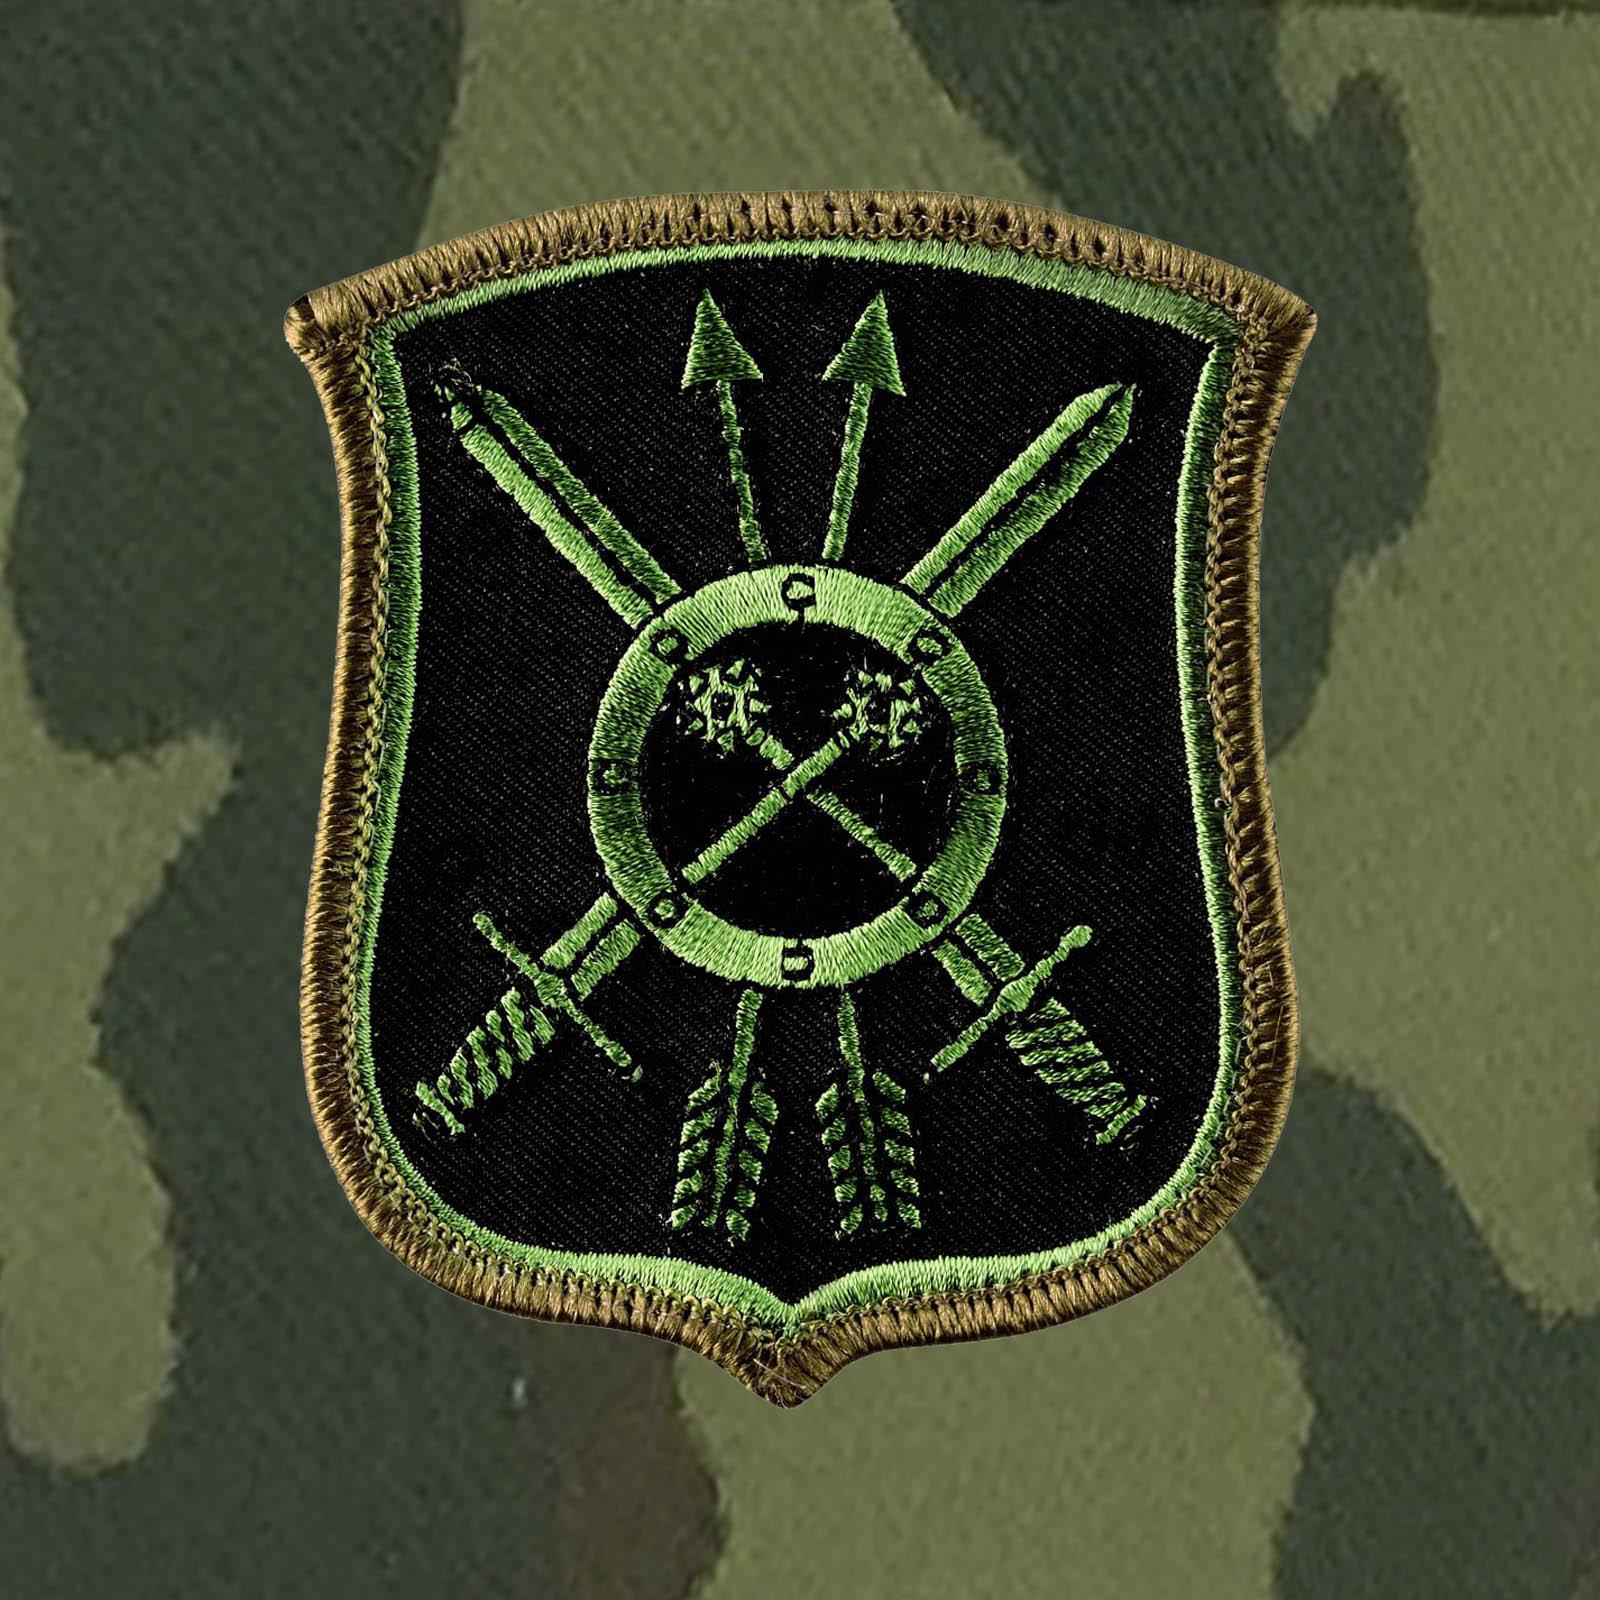 Милитари кепка камуфляж 39-ой ракетной дивизии РВСН.